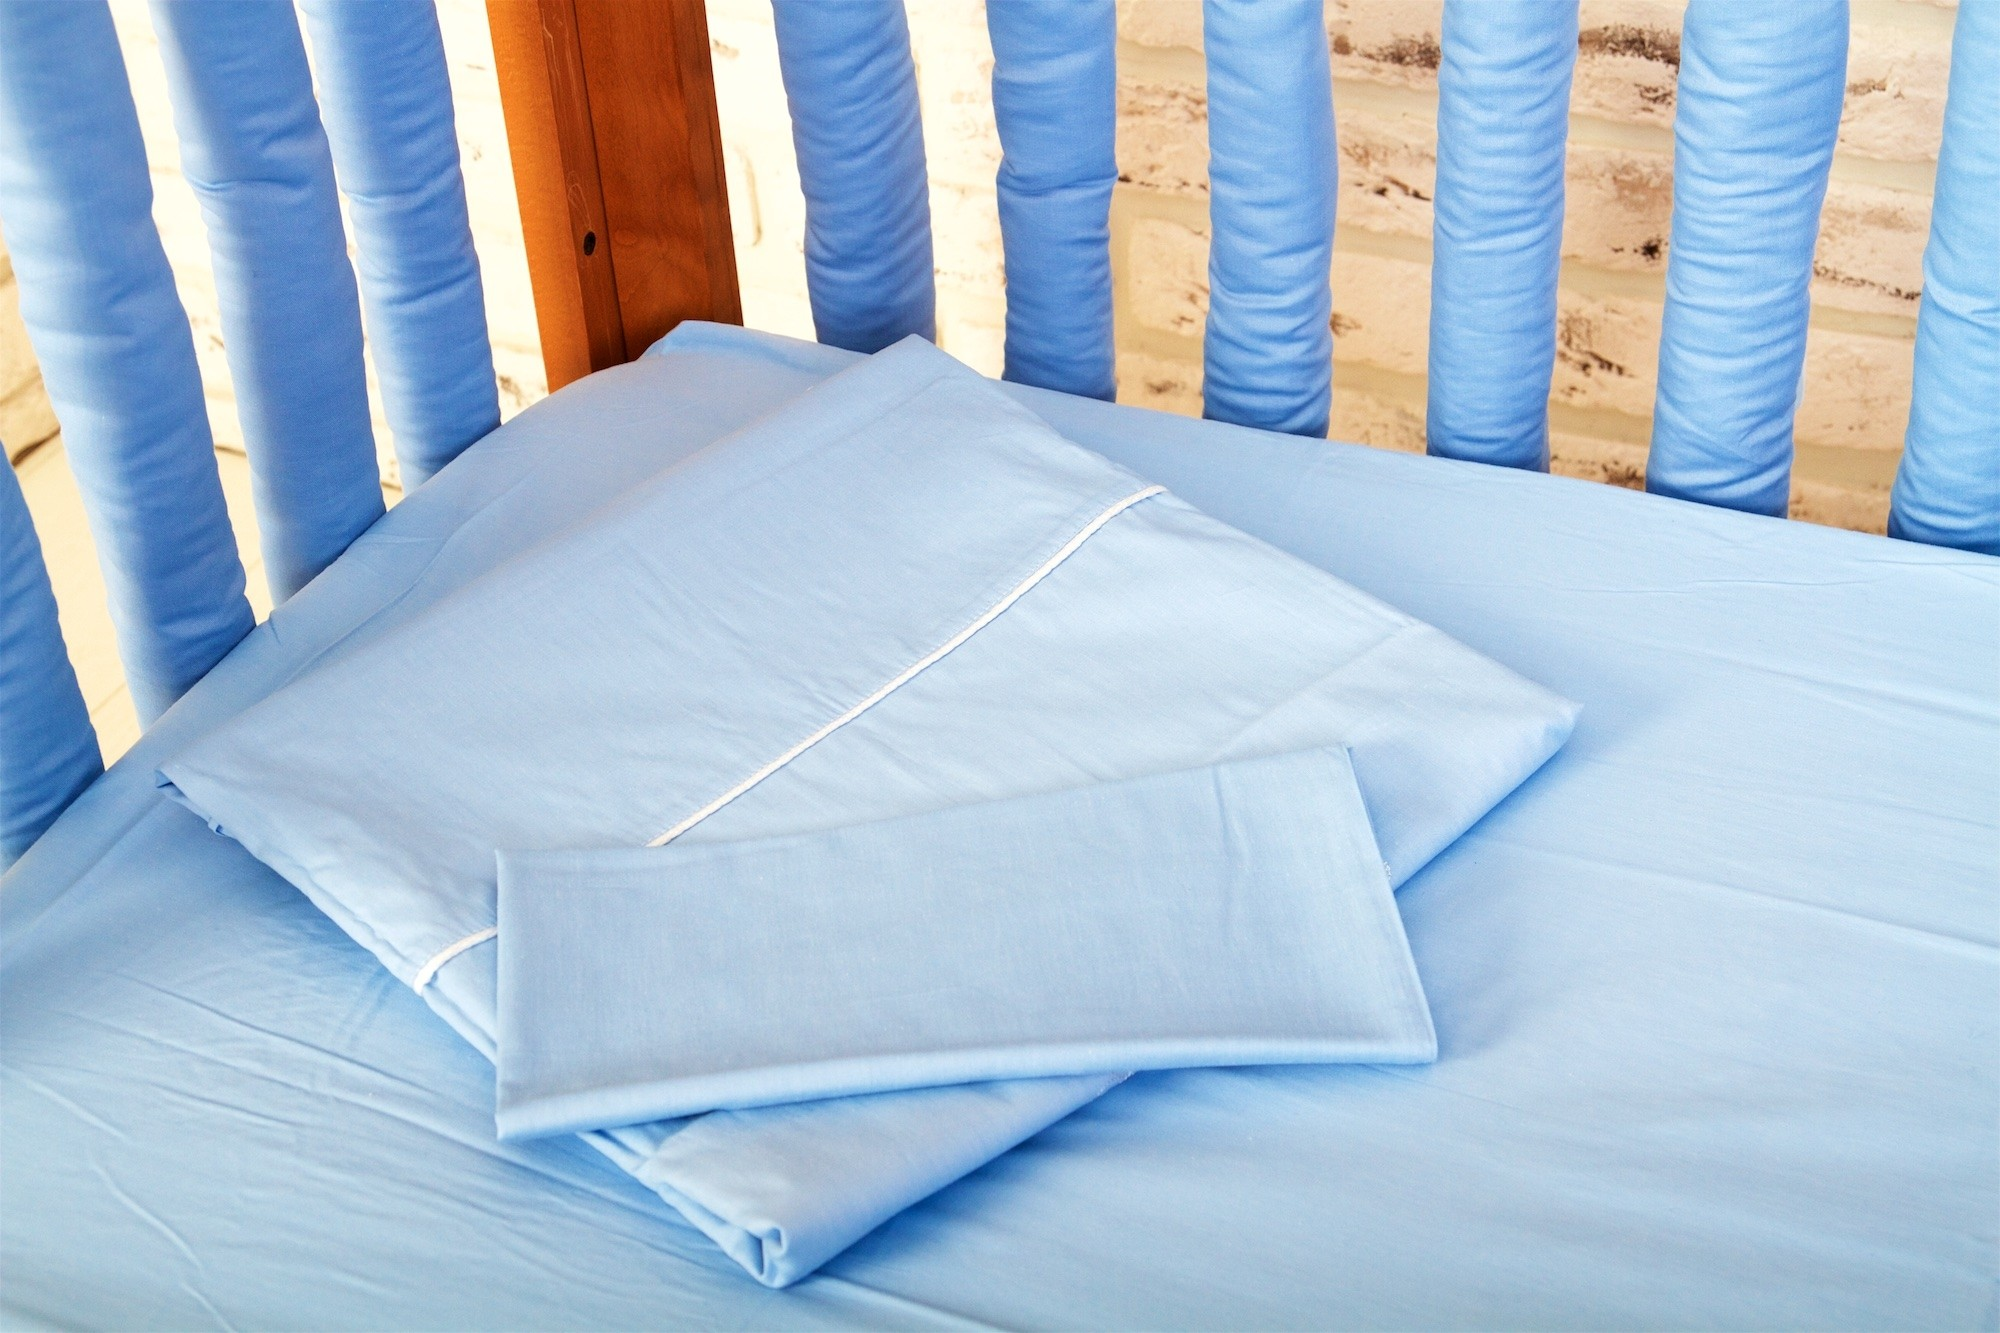 Комплект постельного белья Cloud factory Plain Blue